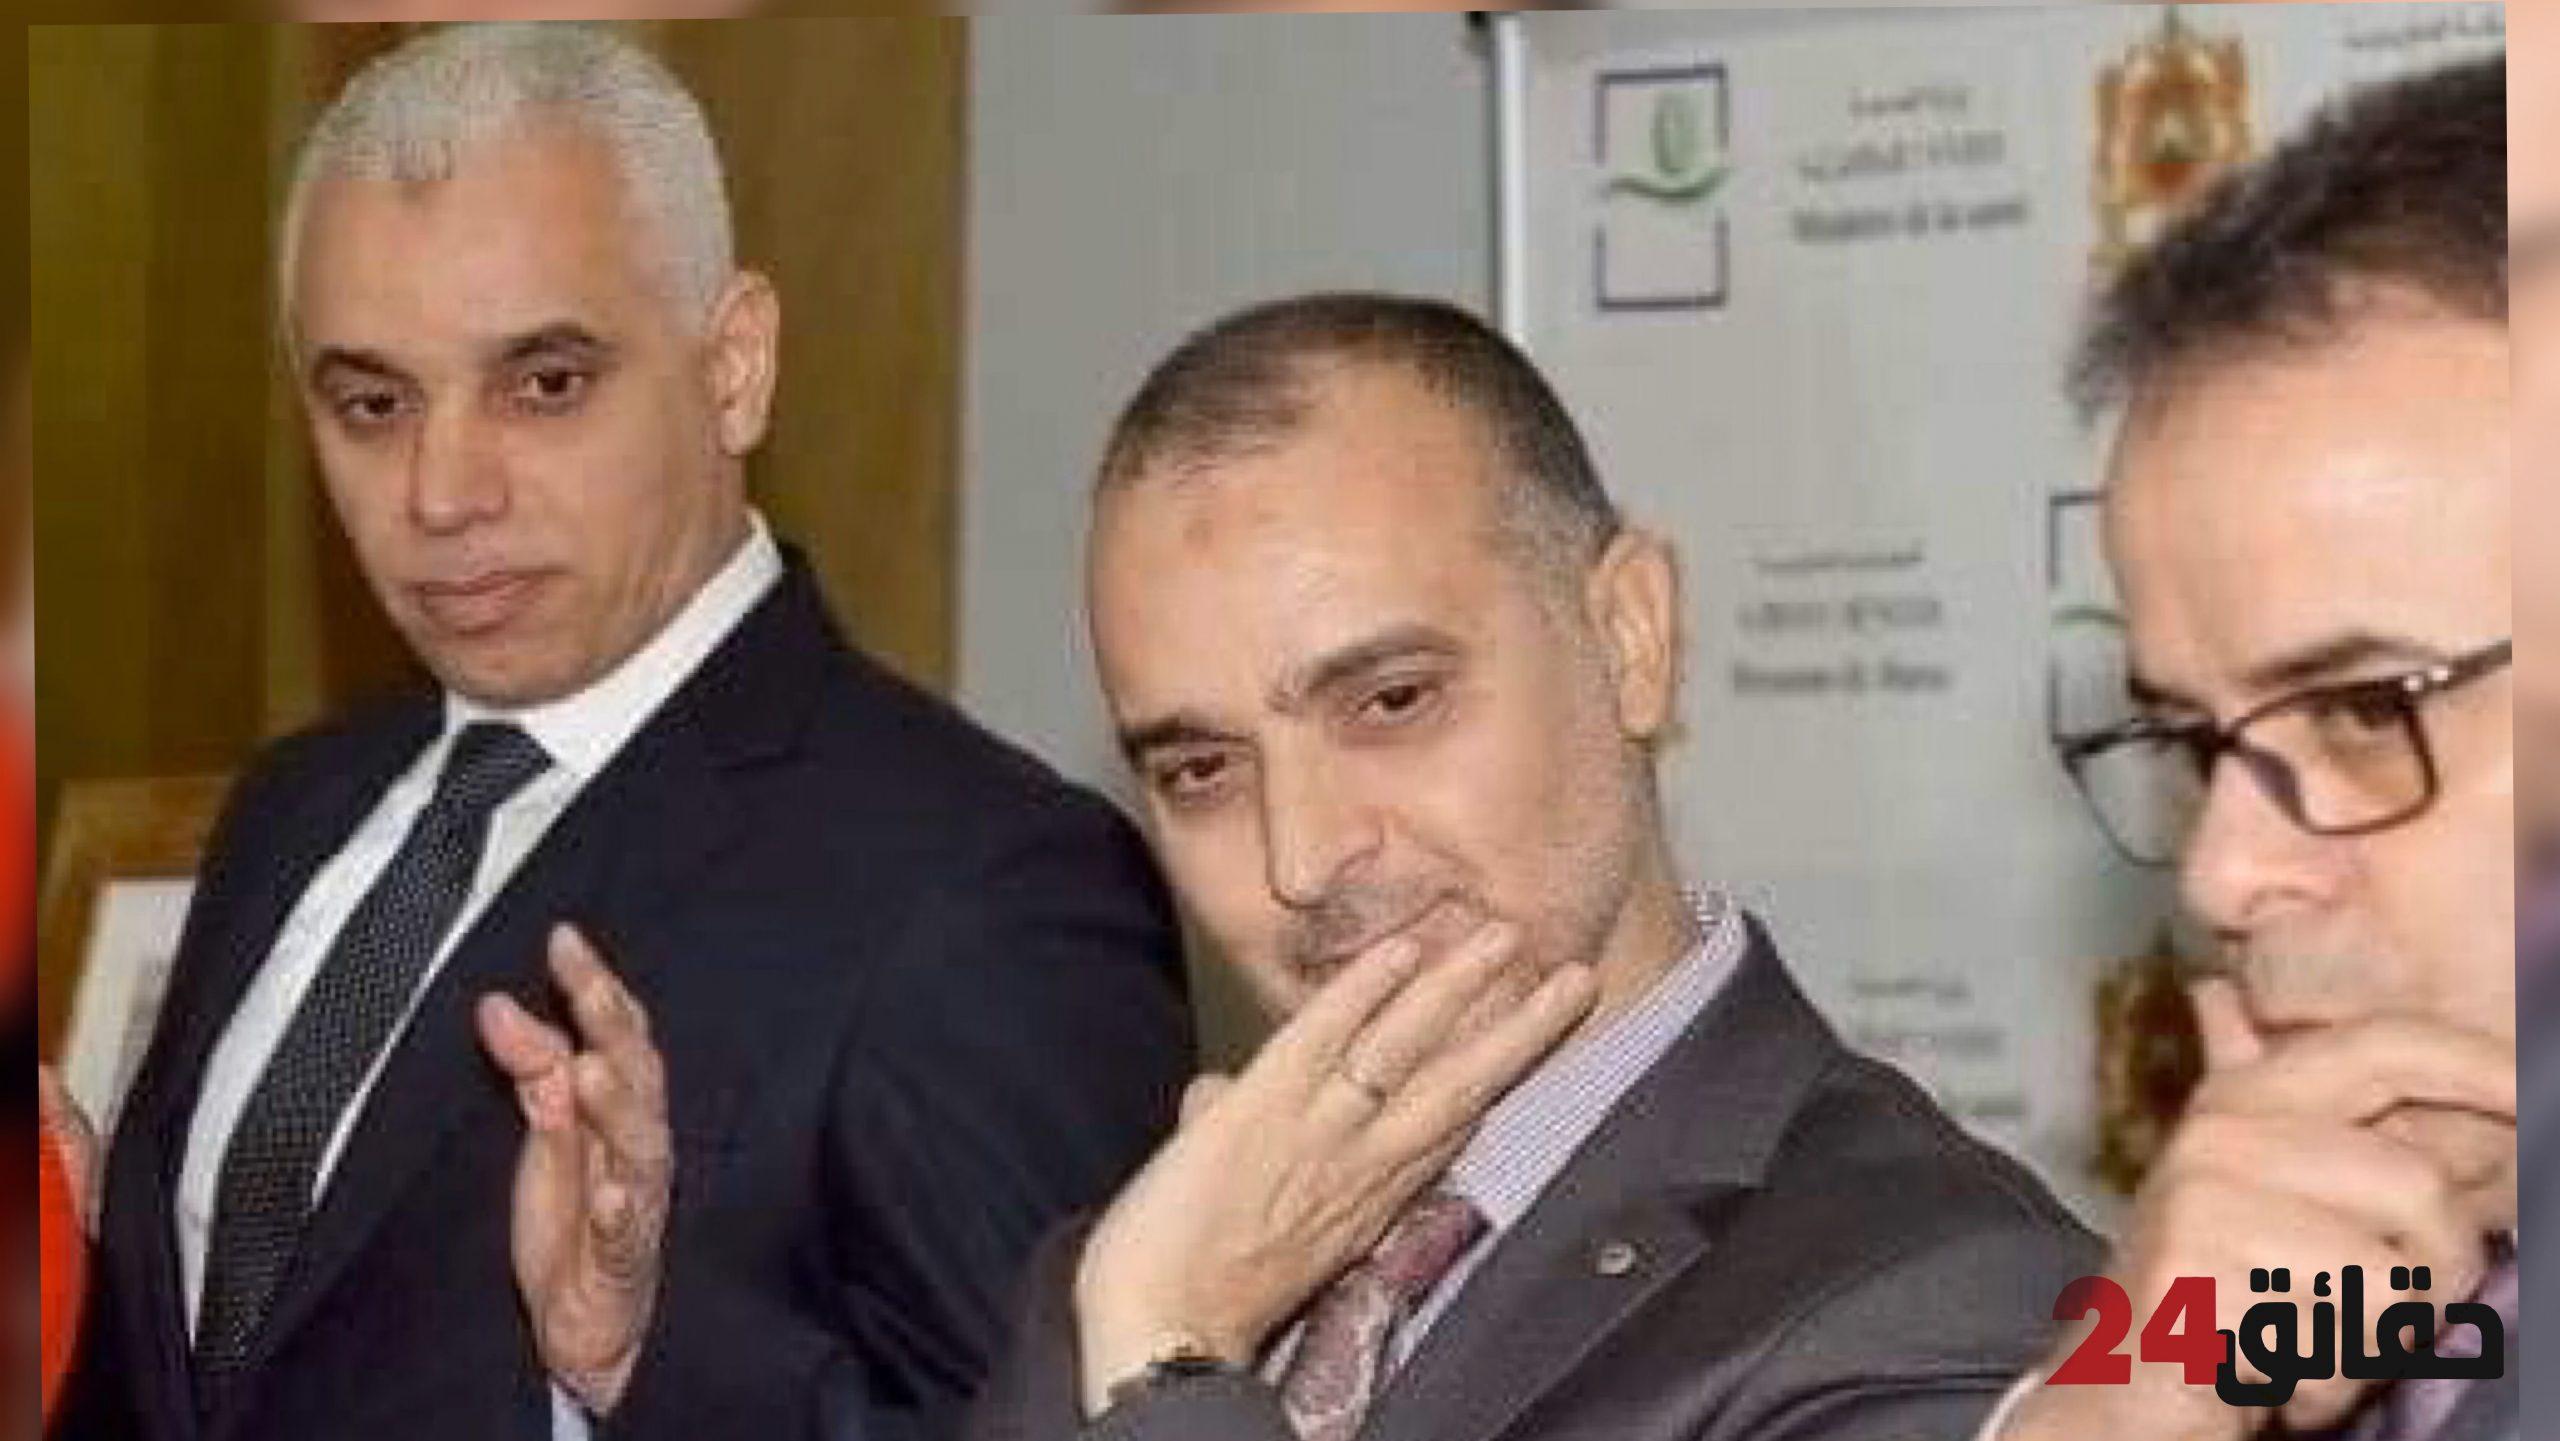 """صورة اليوبي يقدم استقالته وجهات """" عليا """" تعيده الى منصبه و توبخ وزير الصحة"""